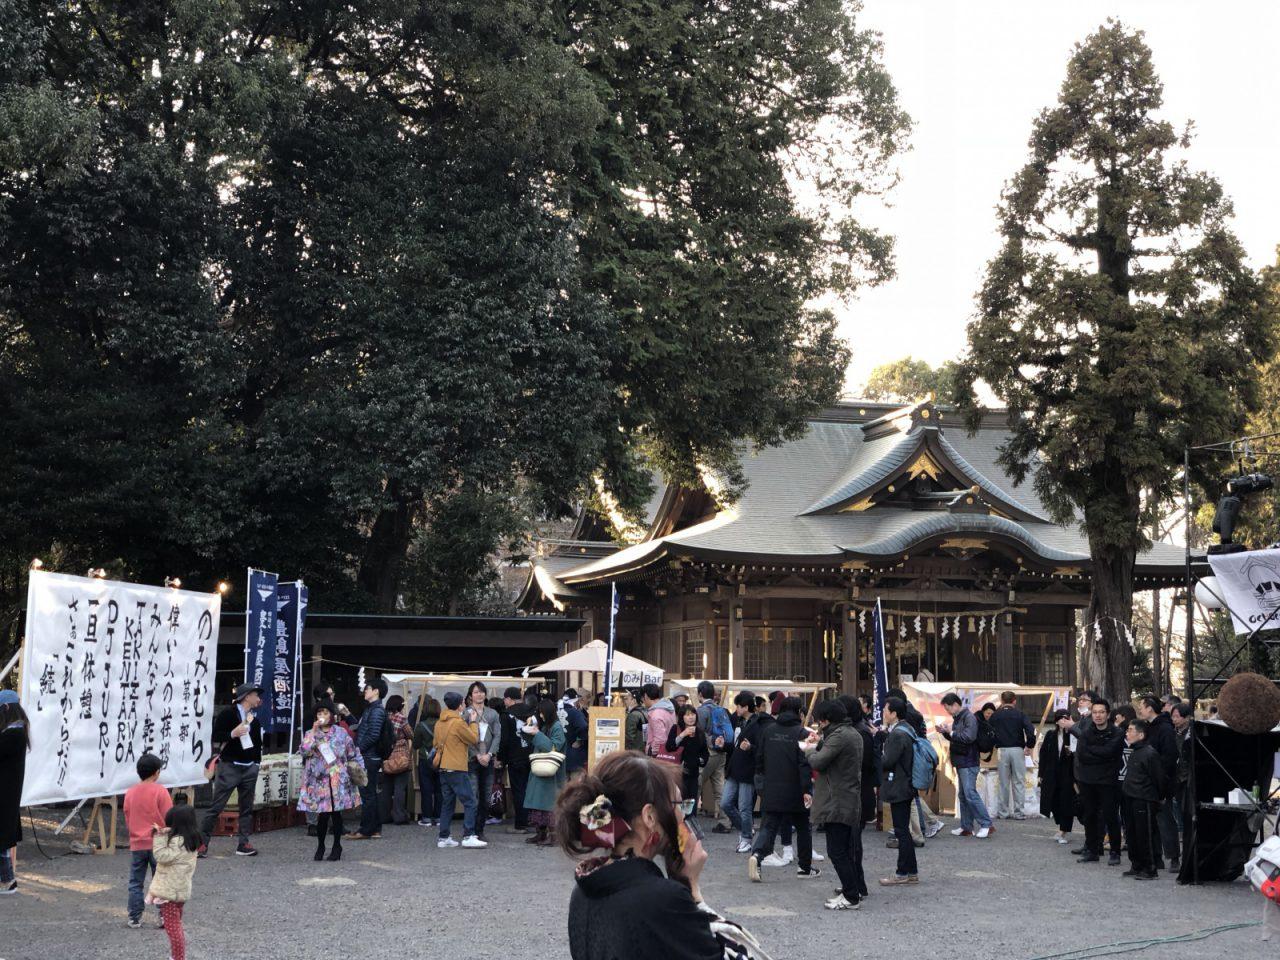 広い境内の一角にイベント会場ができあがりました。写真奥が八坂神社の御社殿。